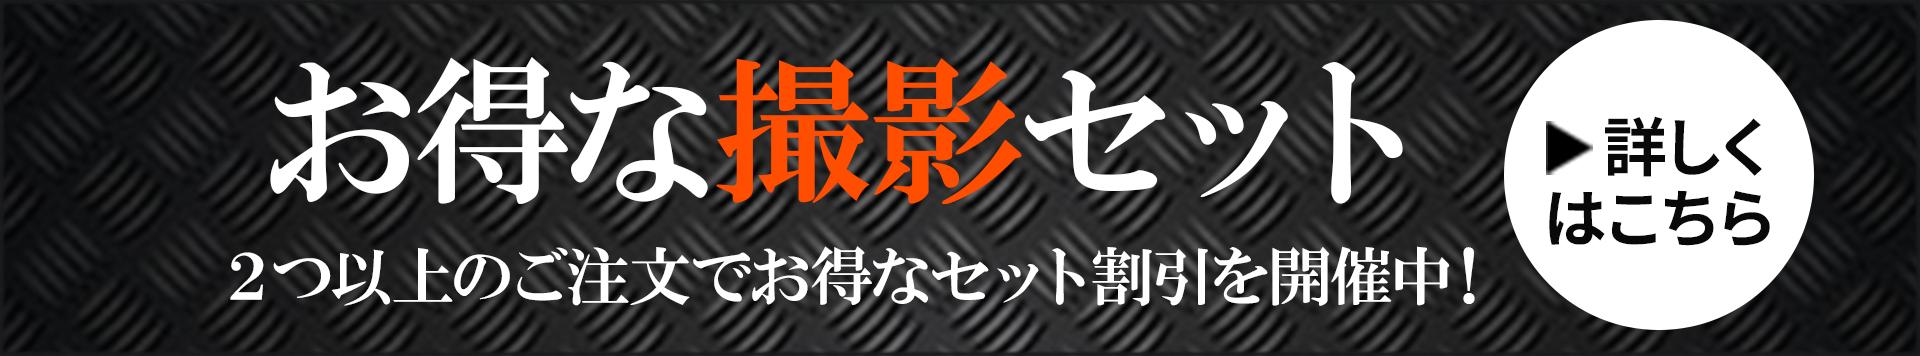 名古屋、愛知、岐阜県の結婚式の格安セットキャンペーンエンドロール、ムービー